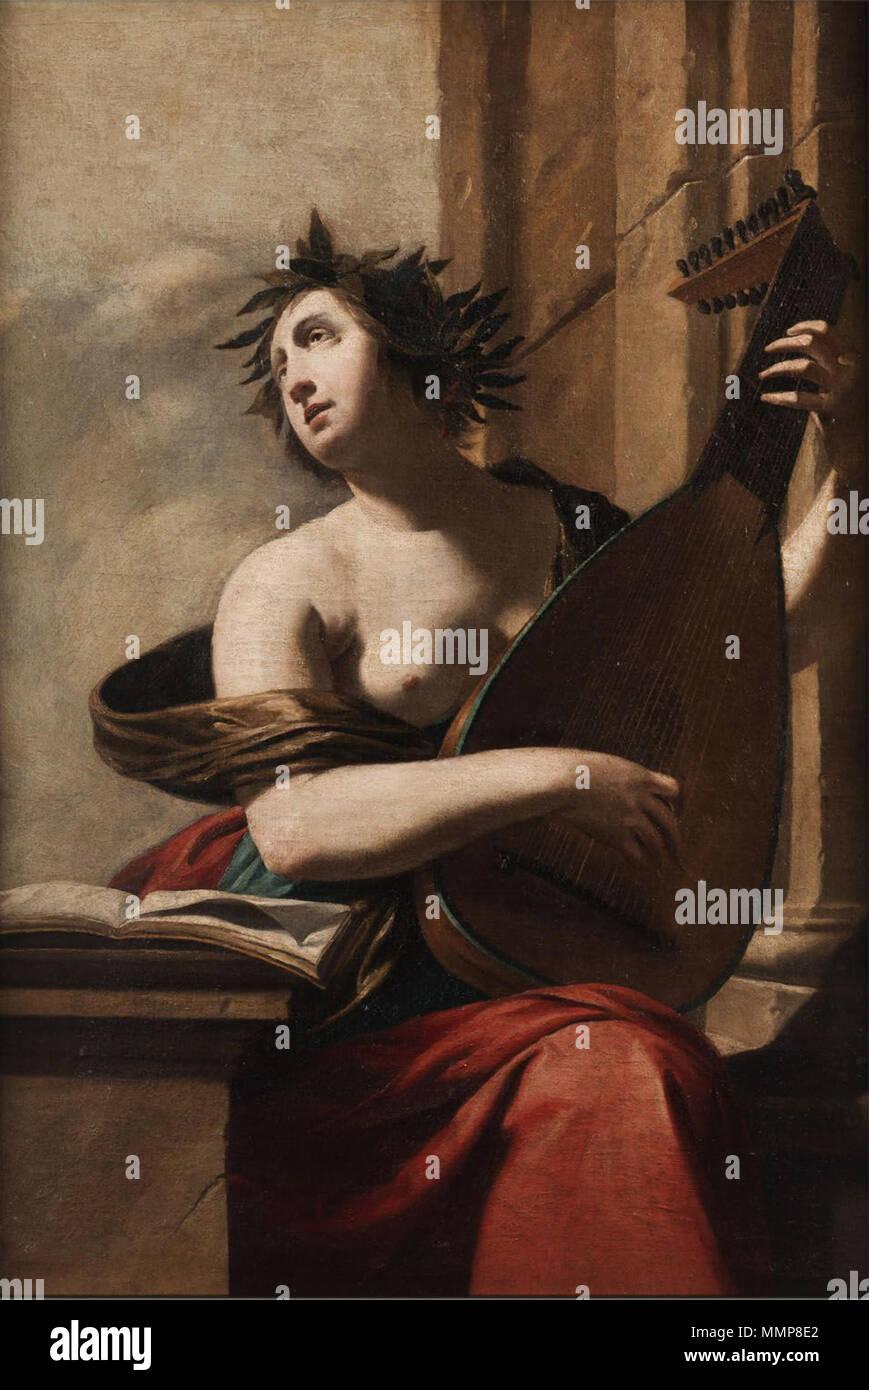 . German: Allegorische Darstellung der Musik, (Frau mit Laute)  . 17th century. Anonymous Allegorie17Jh 004 - Stock Image